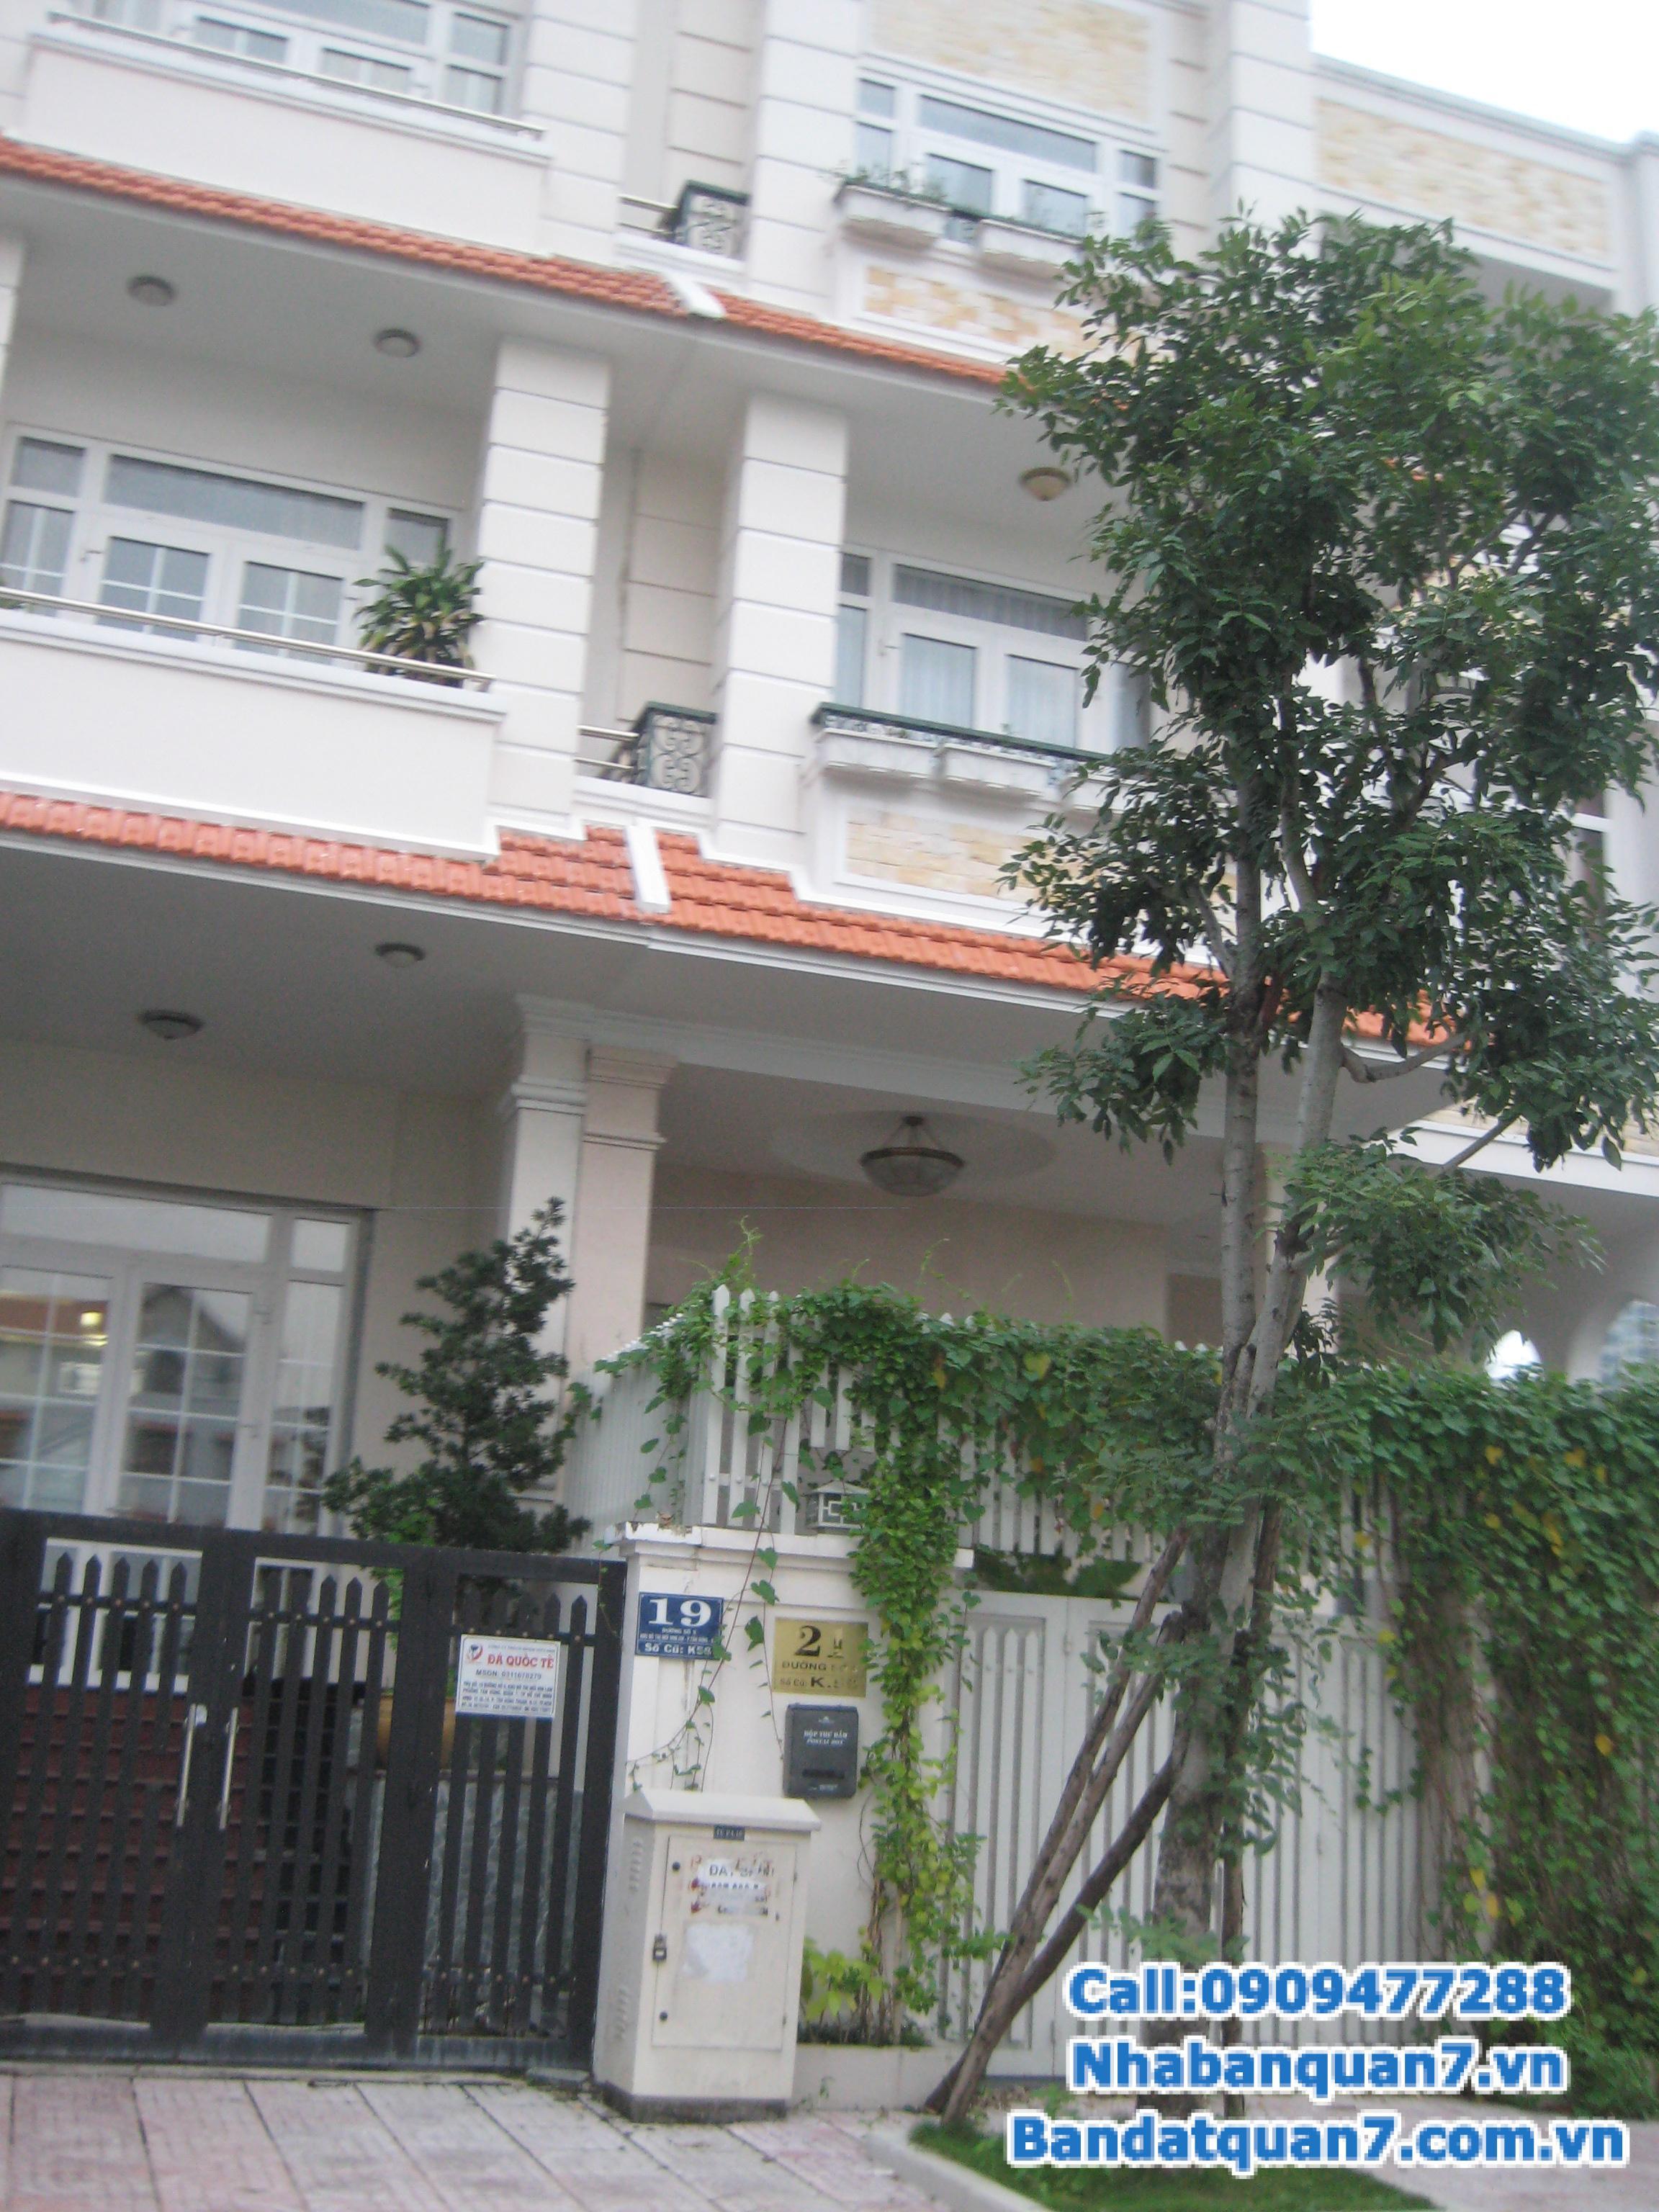 Bán nhà mặt tiền đường số khu dân cư Tân Quy Đông, phường tân phong, Q.7